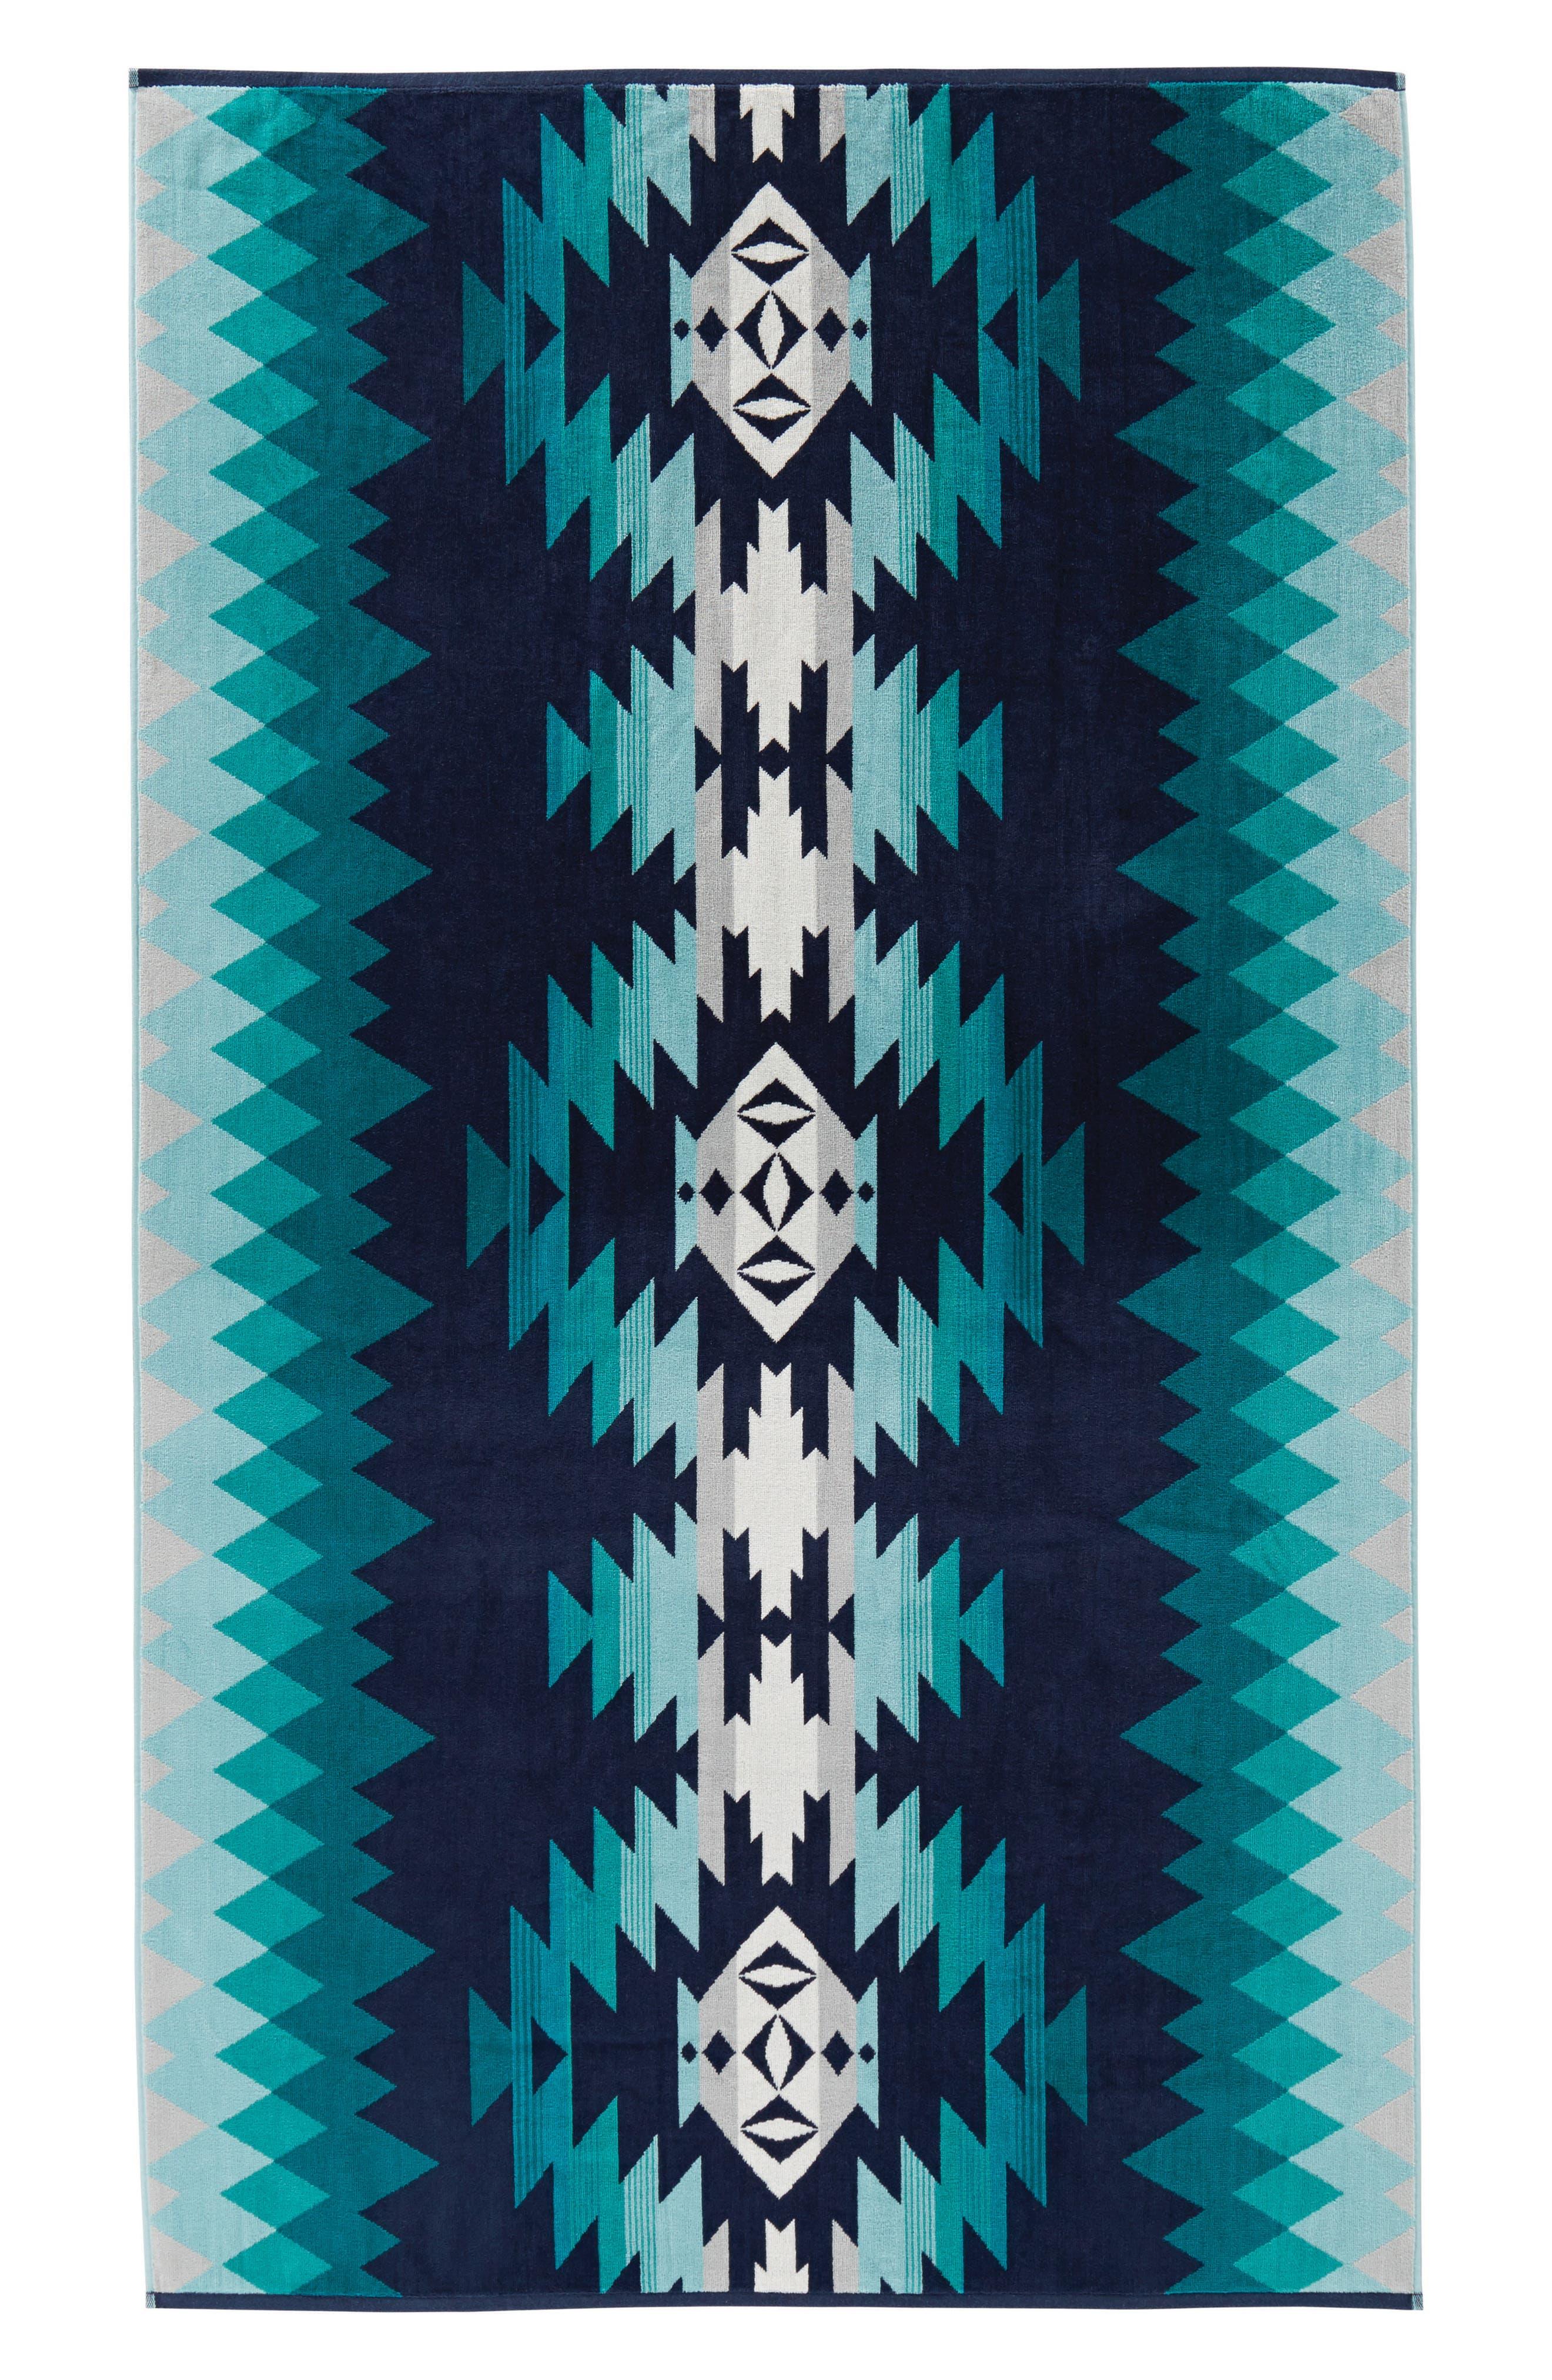 Papago Park Spa Towel,                             Main thumbnail 1, color,                             400